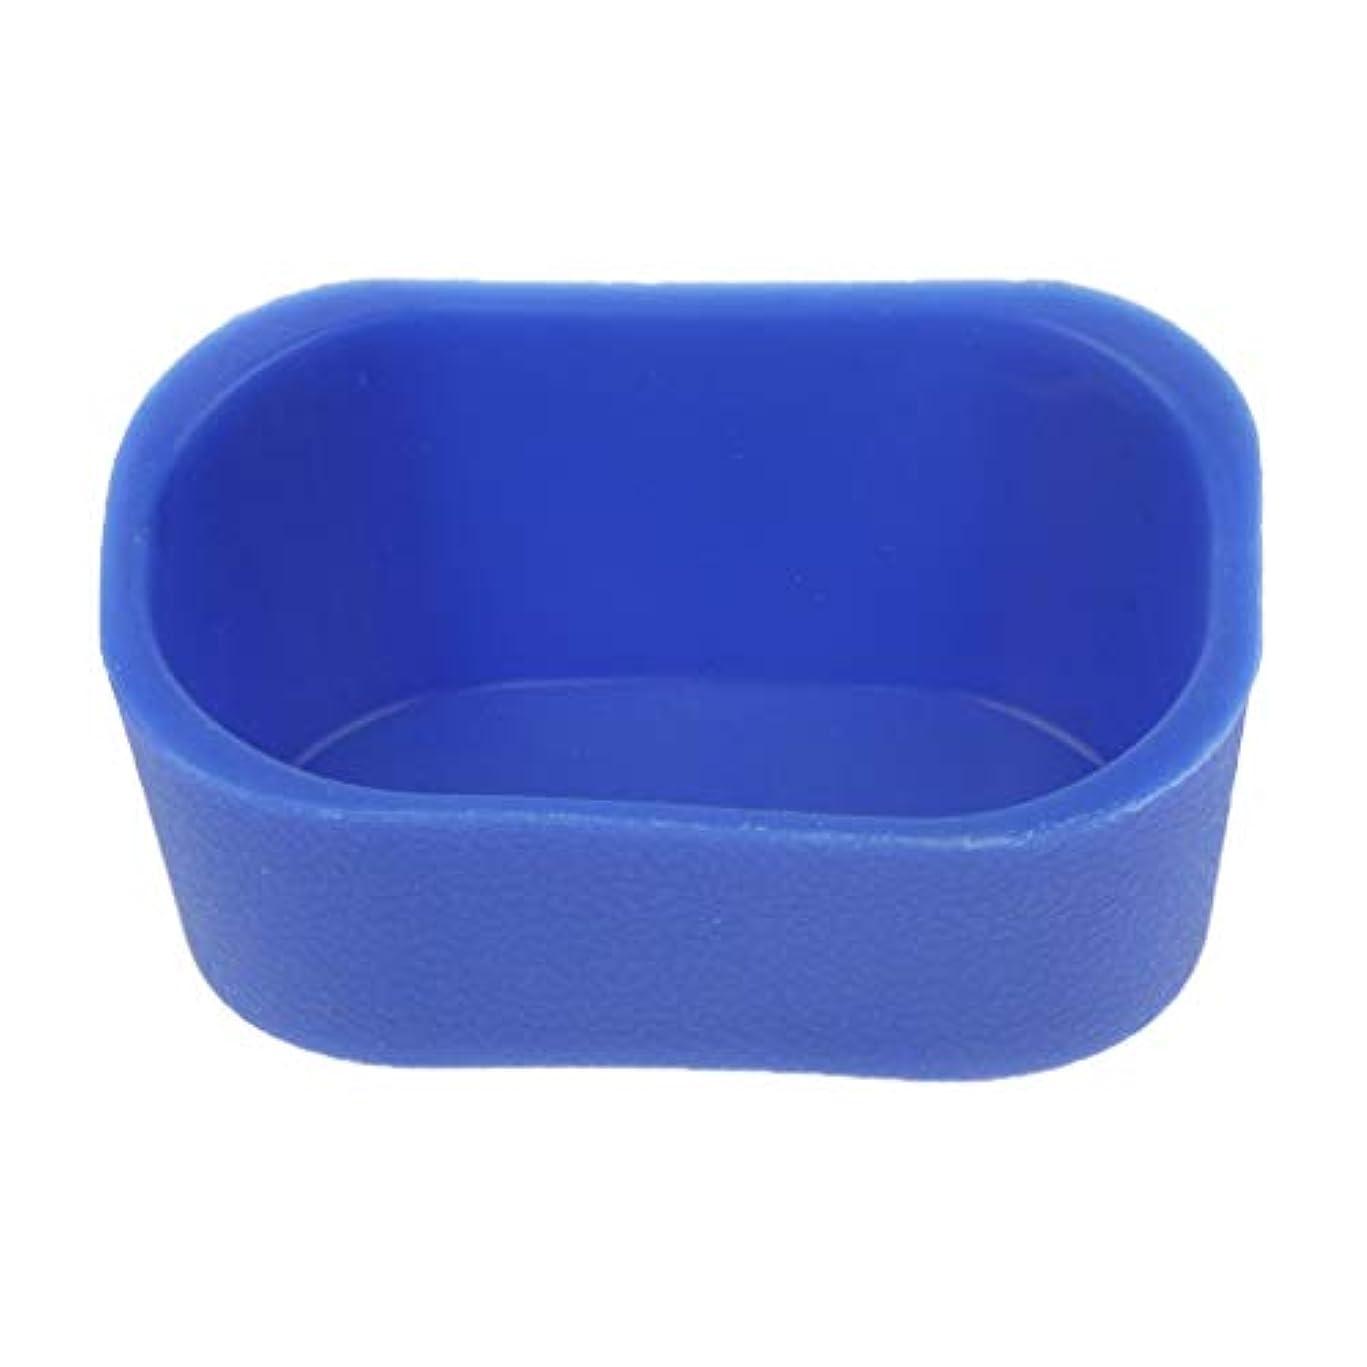 額生物学落胆させるD DOLITY シャンプーボウル ピロー ネックレス クッション 高品質 5色選べ - 青